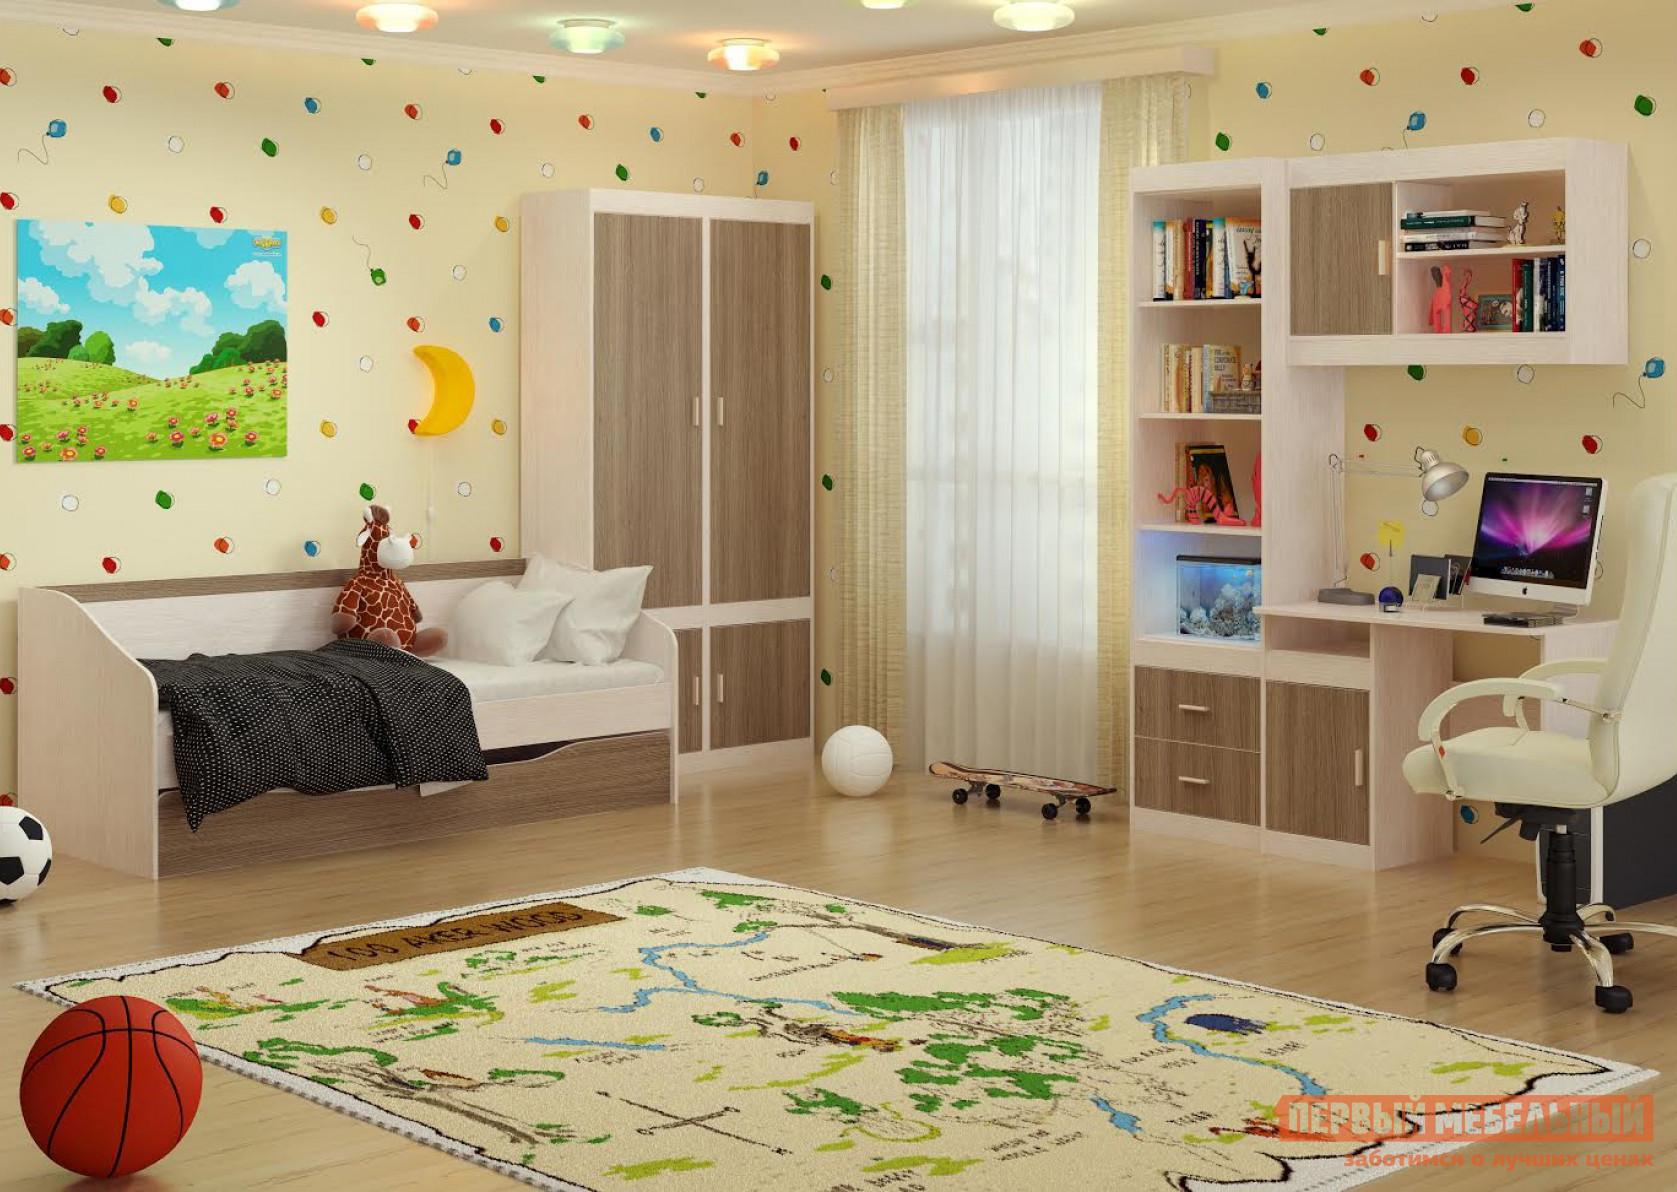 Комплект детской мебели Первый Мебельный Паскаль К1 комплект детской мебели трия киви к1